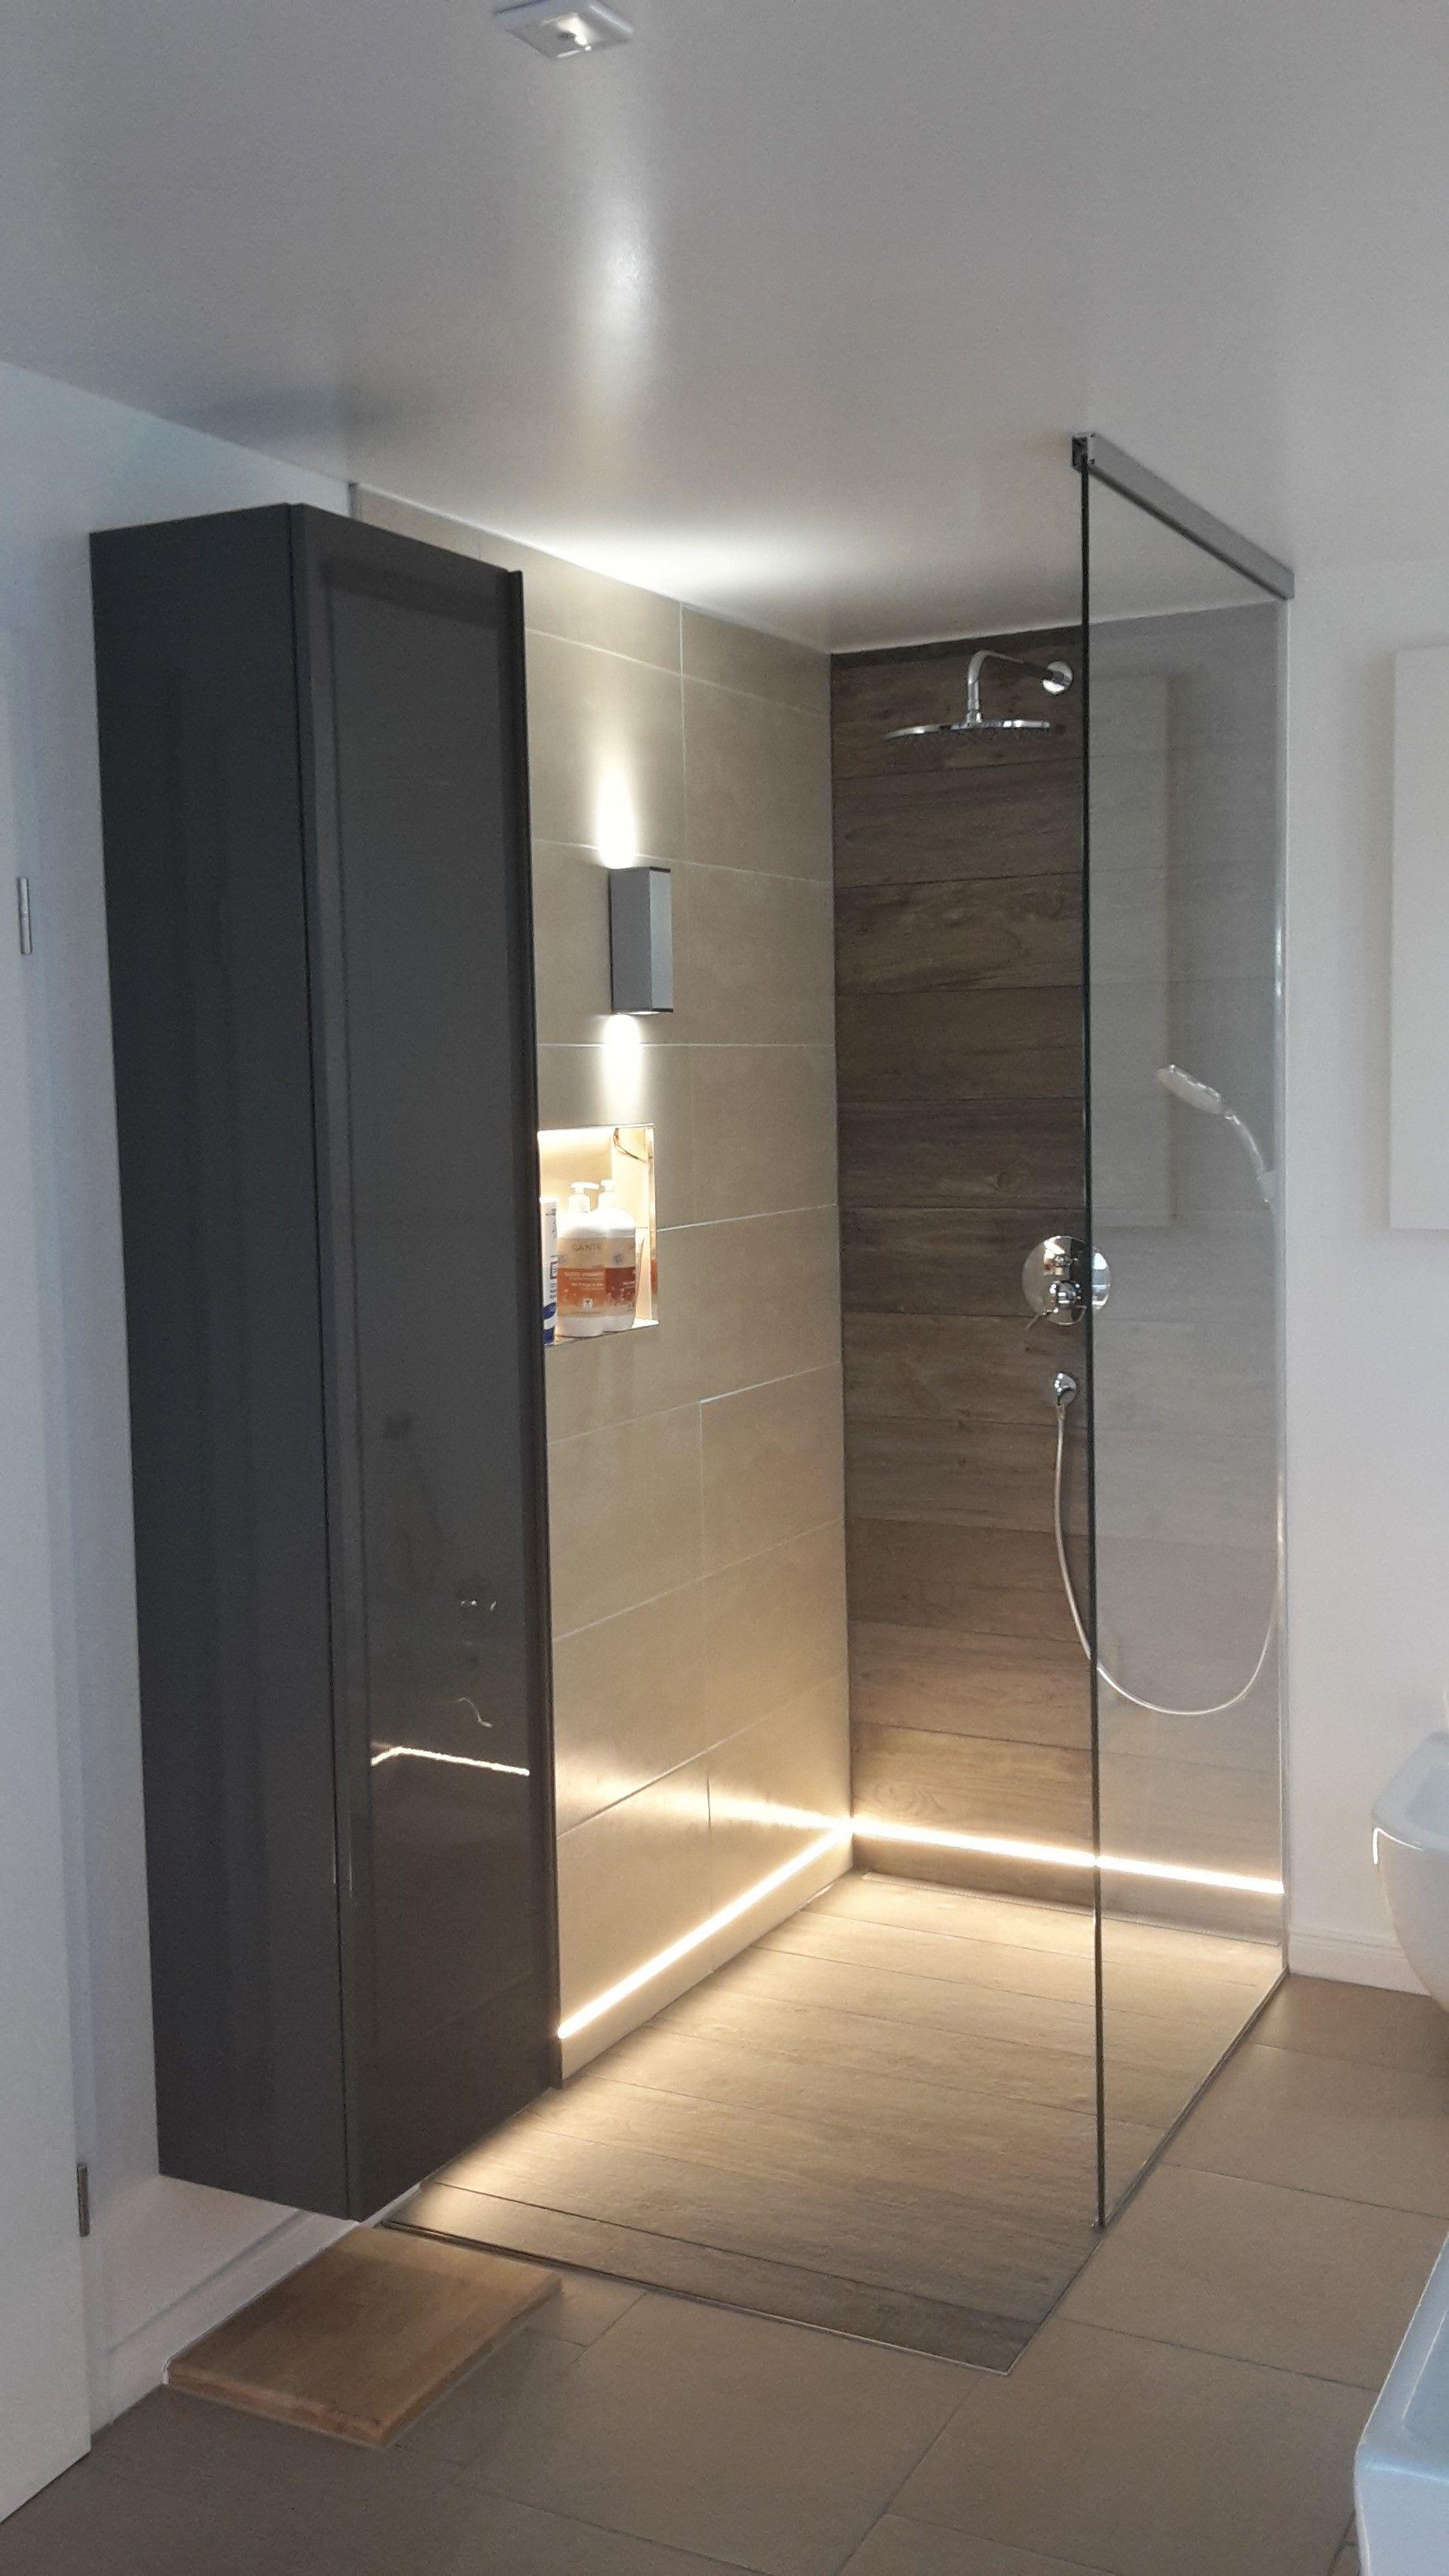 Badezimmer Begehbare Dusche Mit Warmweissen Led Streifen Ip65 Im Unteren Wandbereich Und Sl In 2020 Dusche Beleuchtung Begehbare Dusche Moderne Dusche